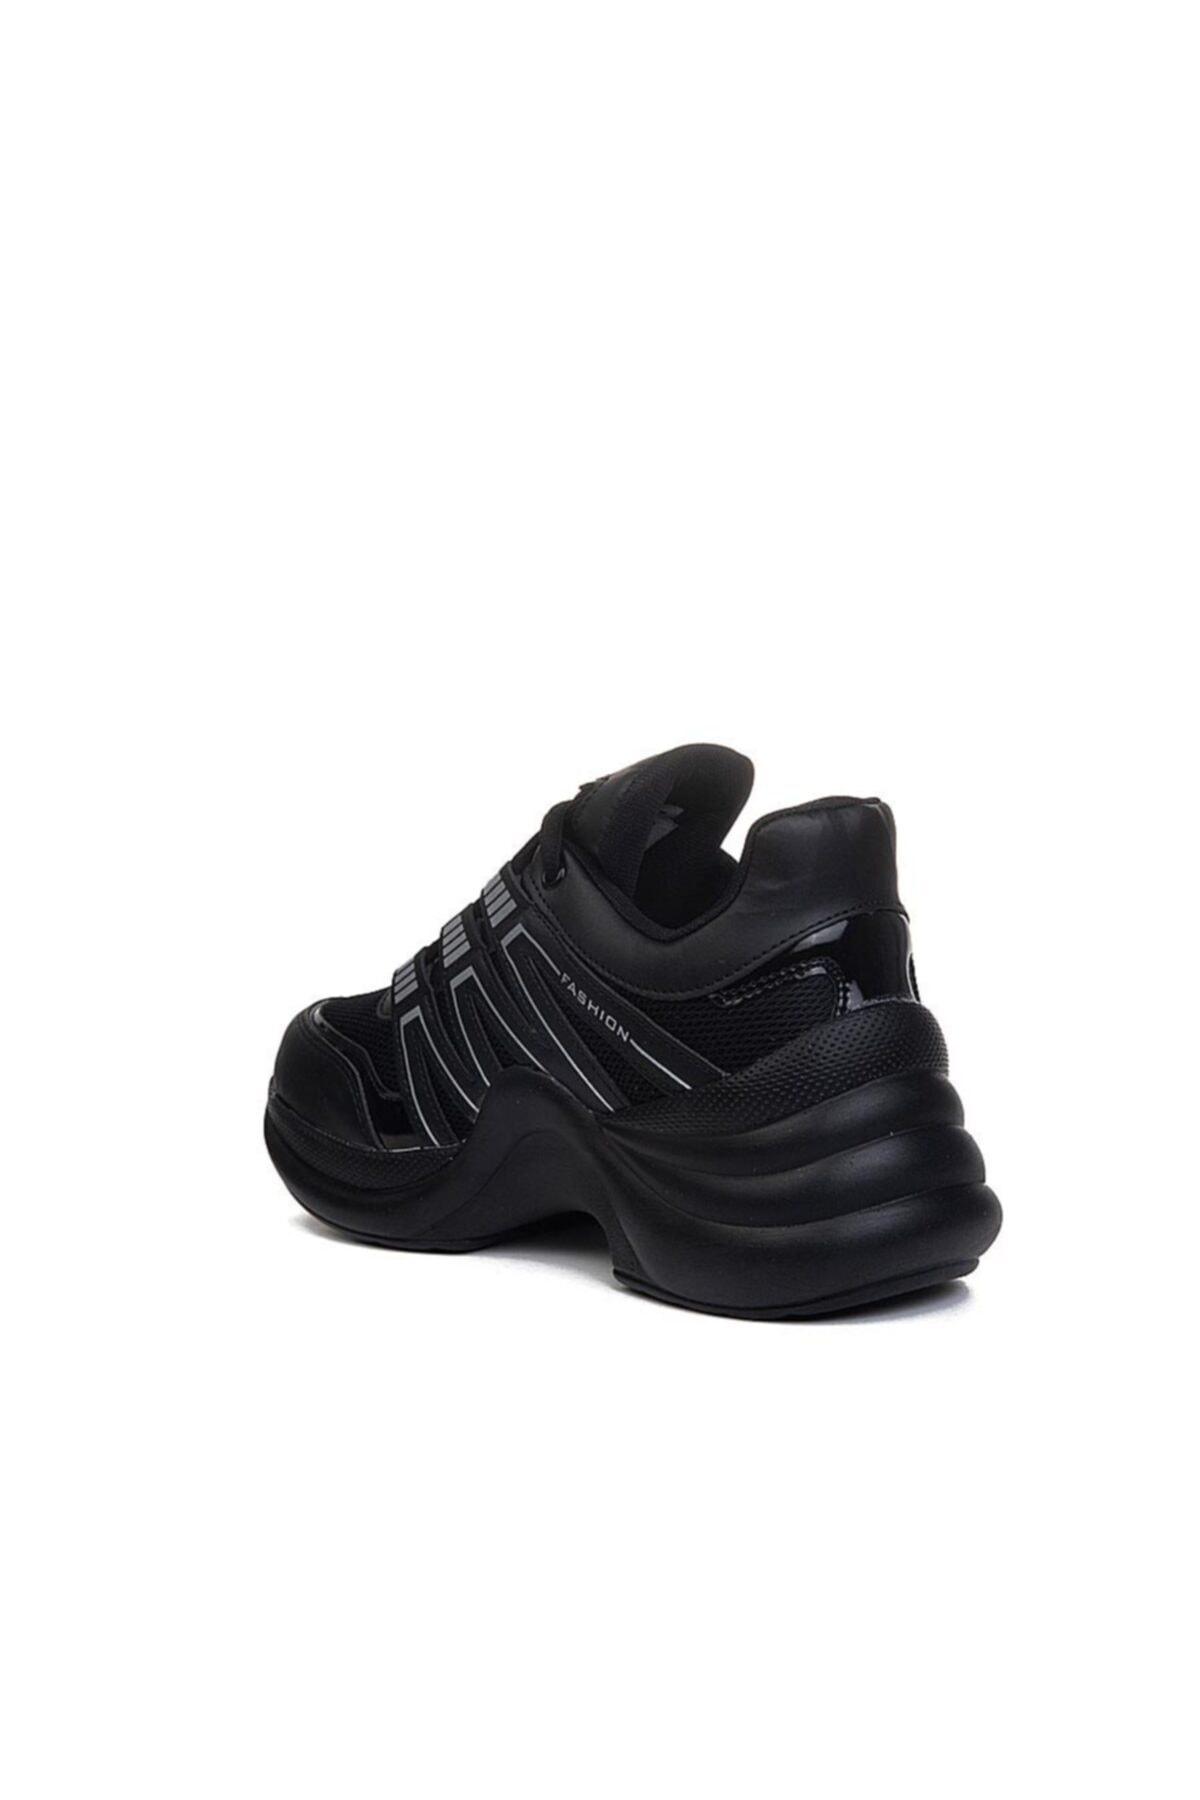 Twingo Kadın Siyah Kalın Taban Spor Ayakkabı 2